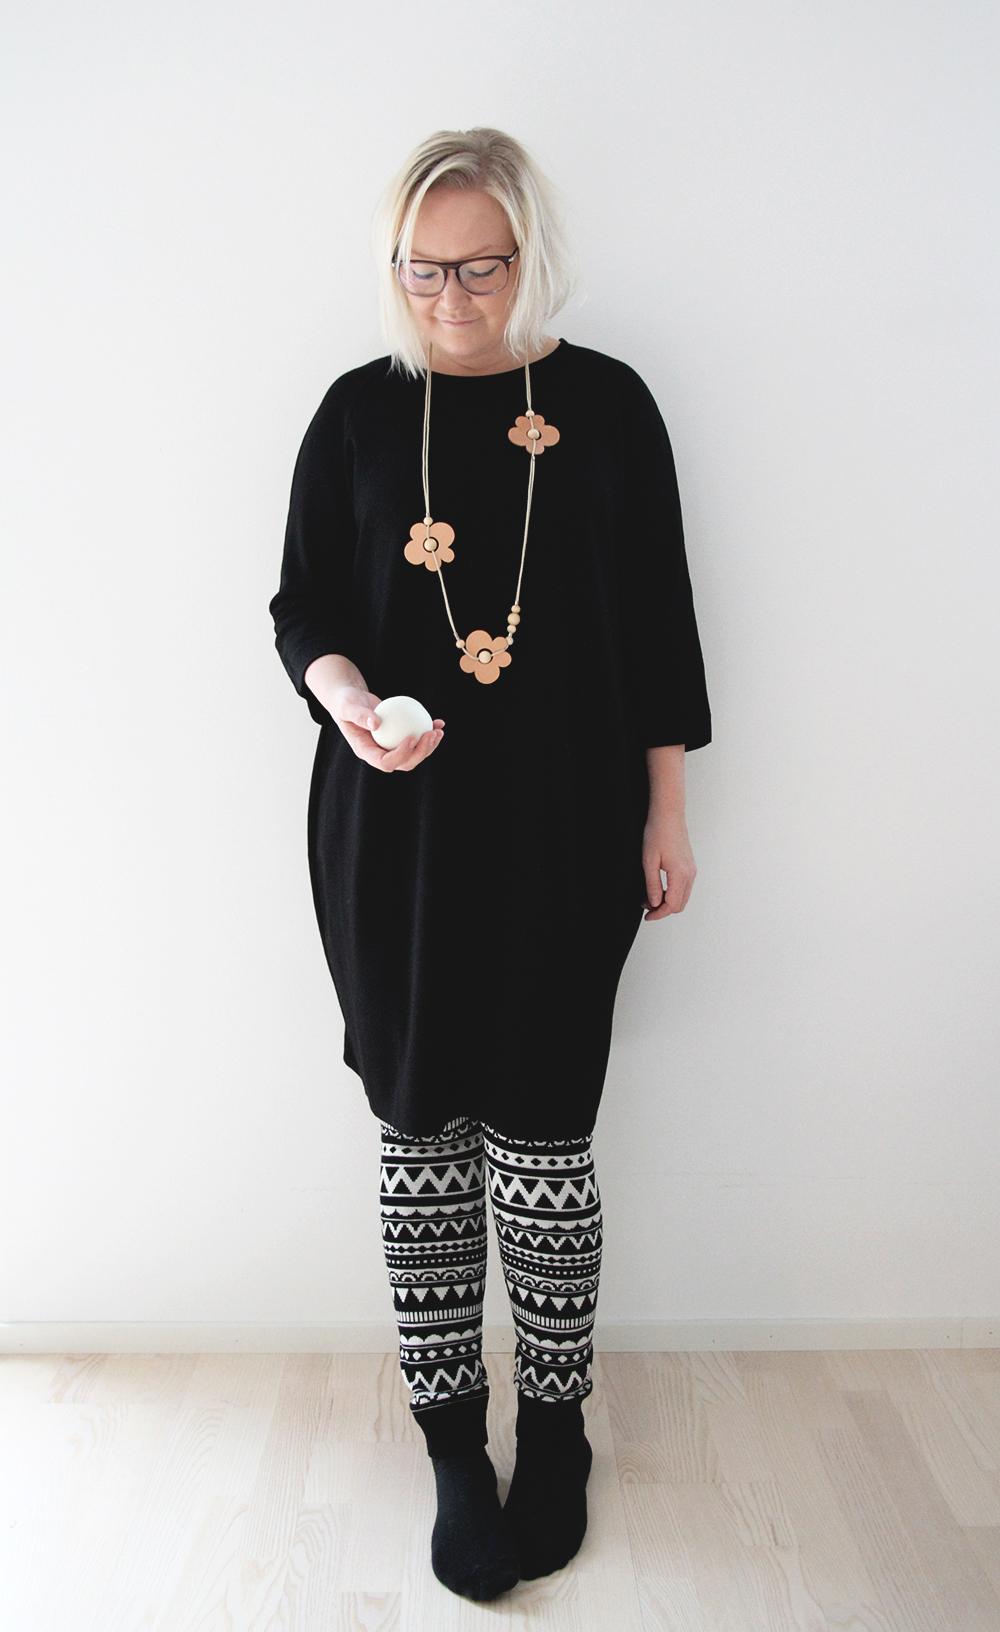 riikka hunajaista marimekko aarikka everyday design lumipallo uhana design legginsit muoti fashion tyyliblogi